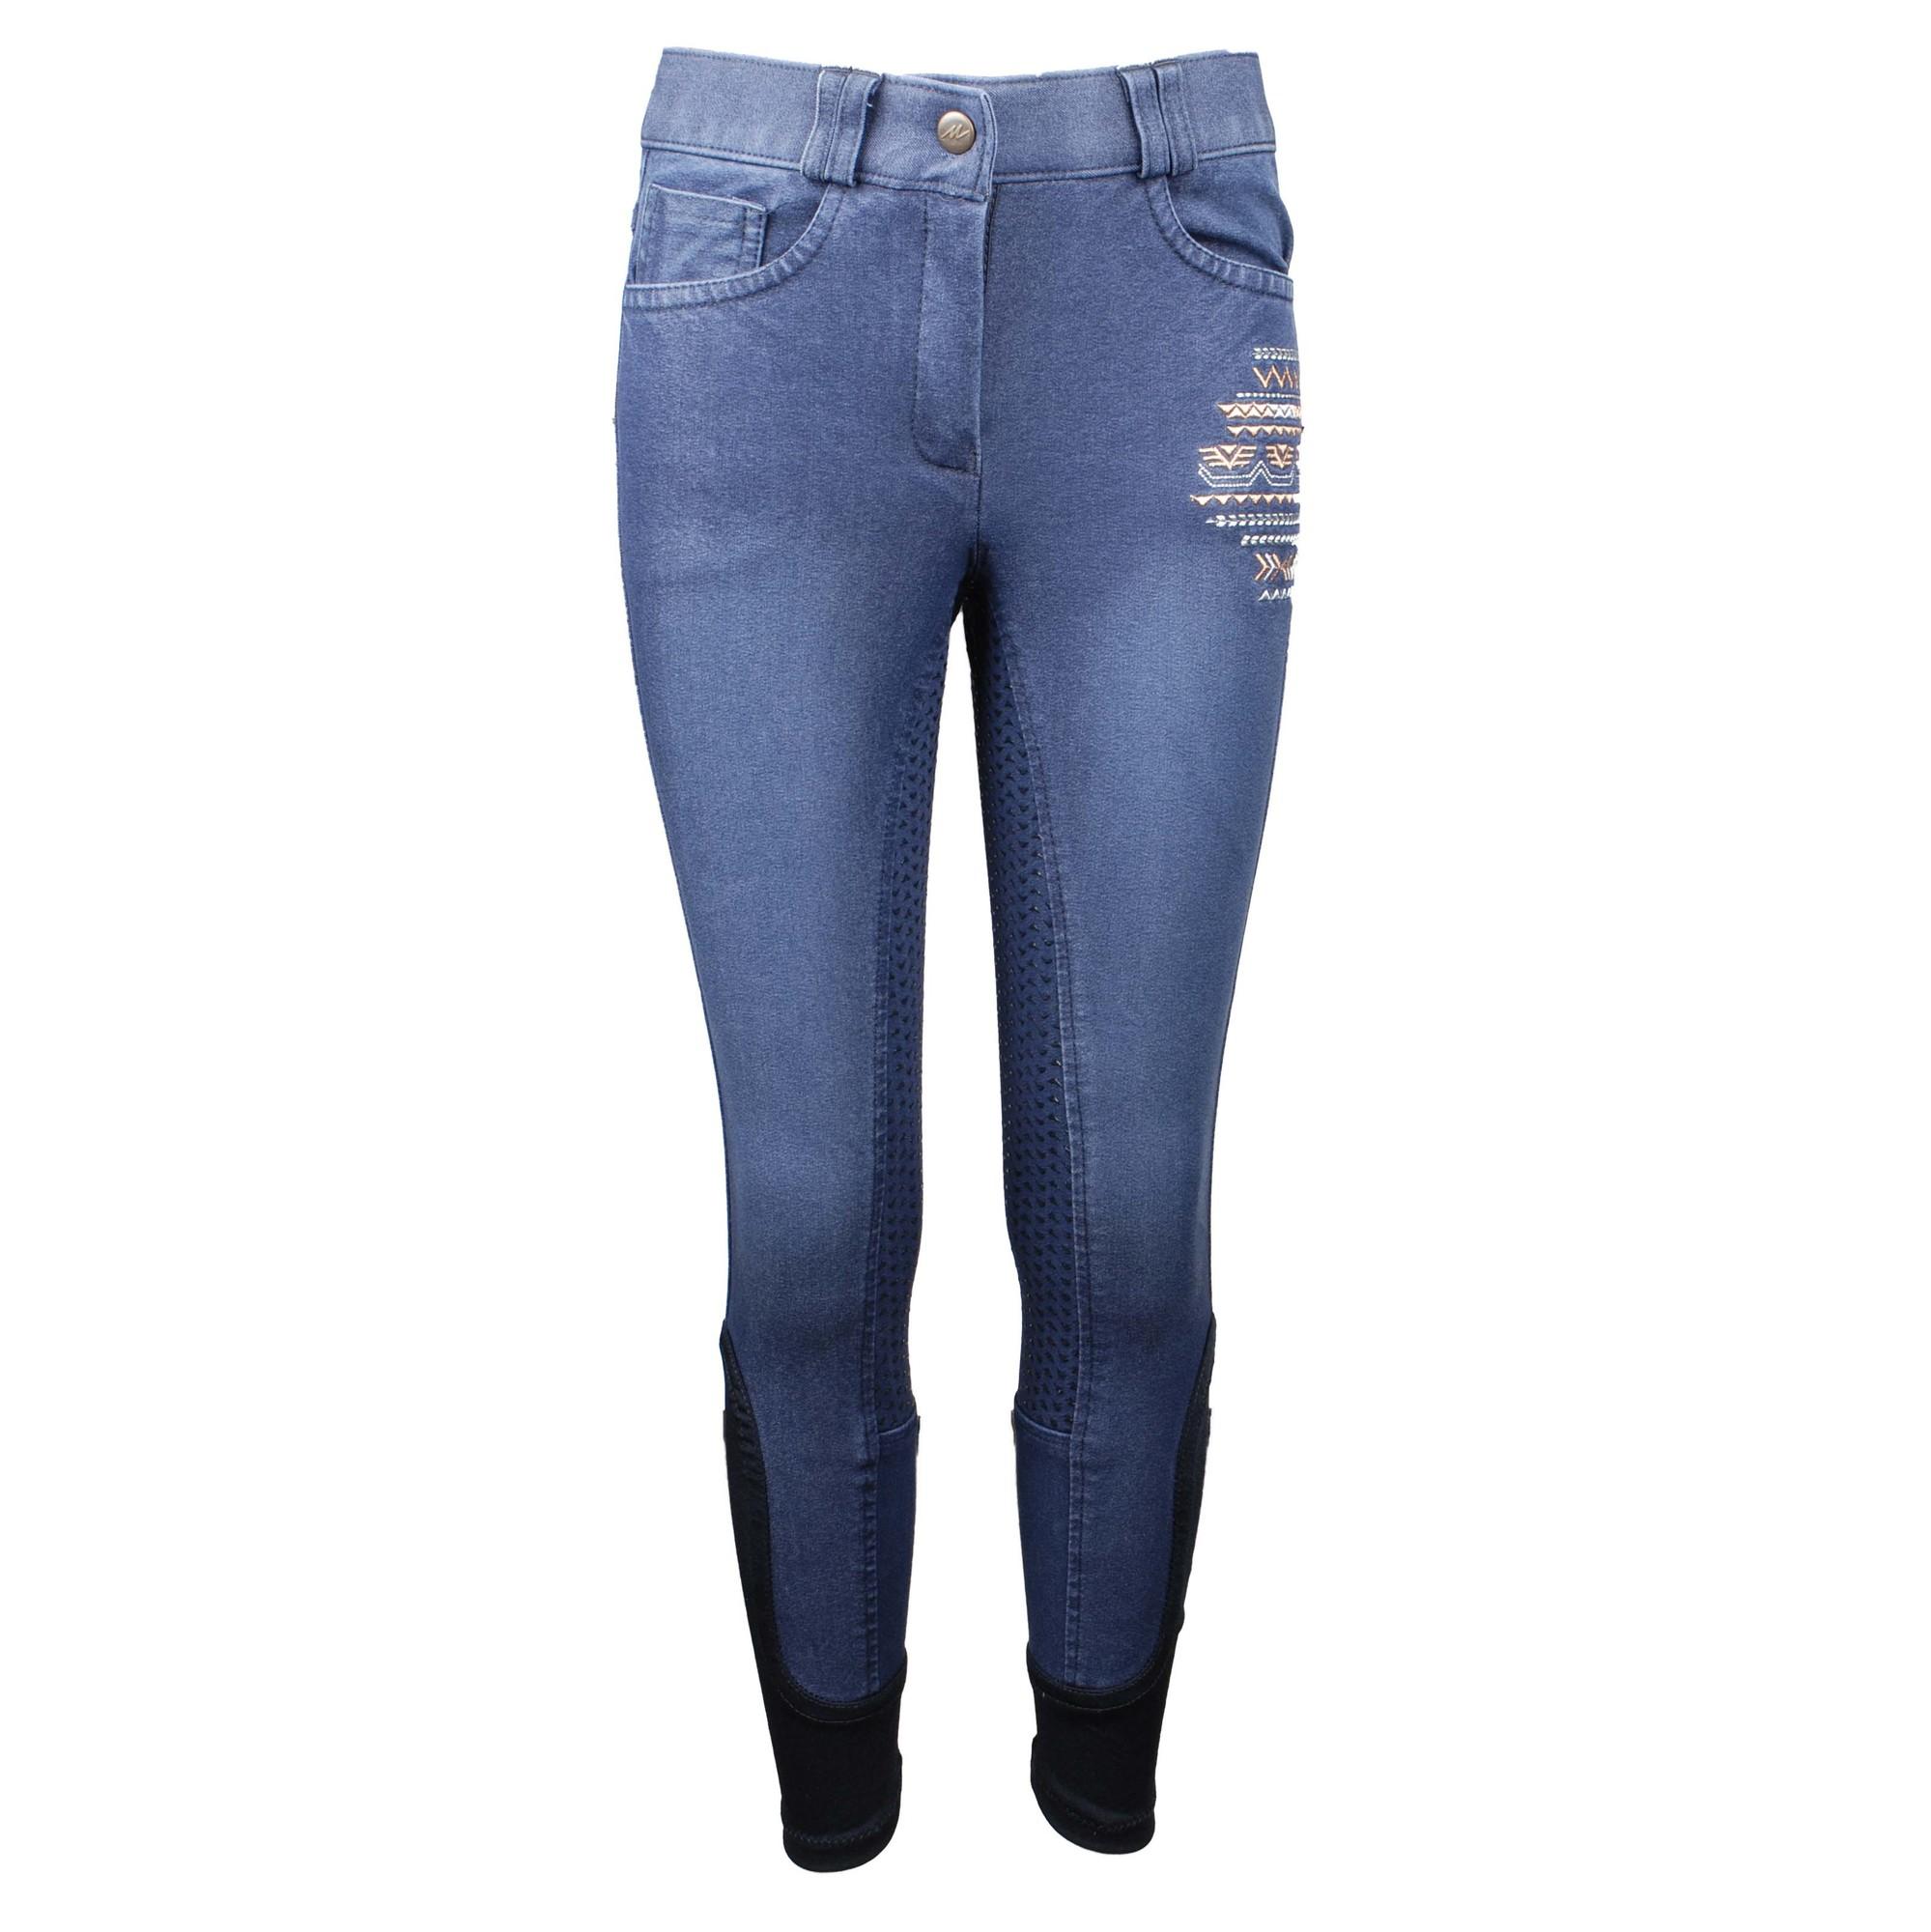 Mondoni Eivissa kinder rijbroek jeans maat:164